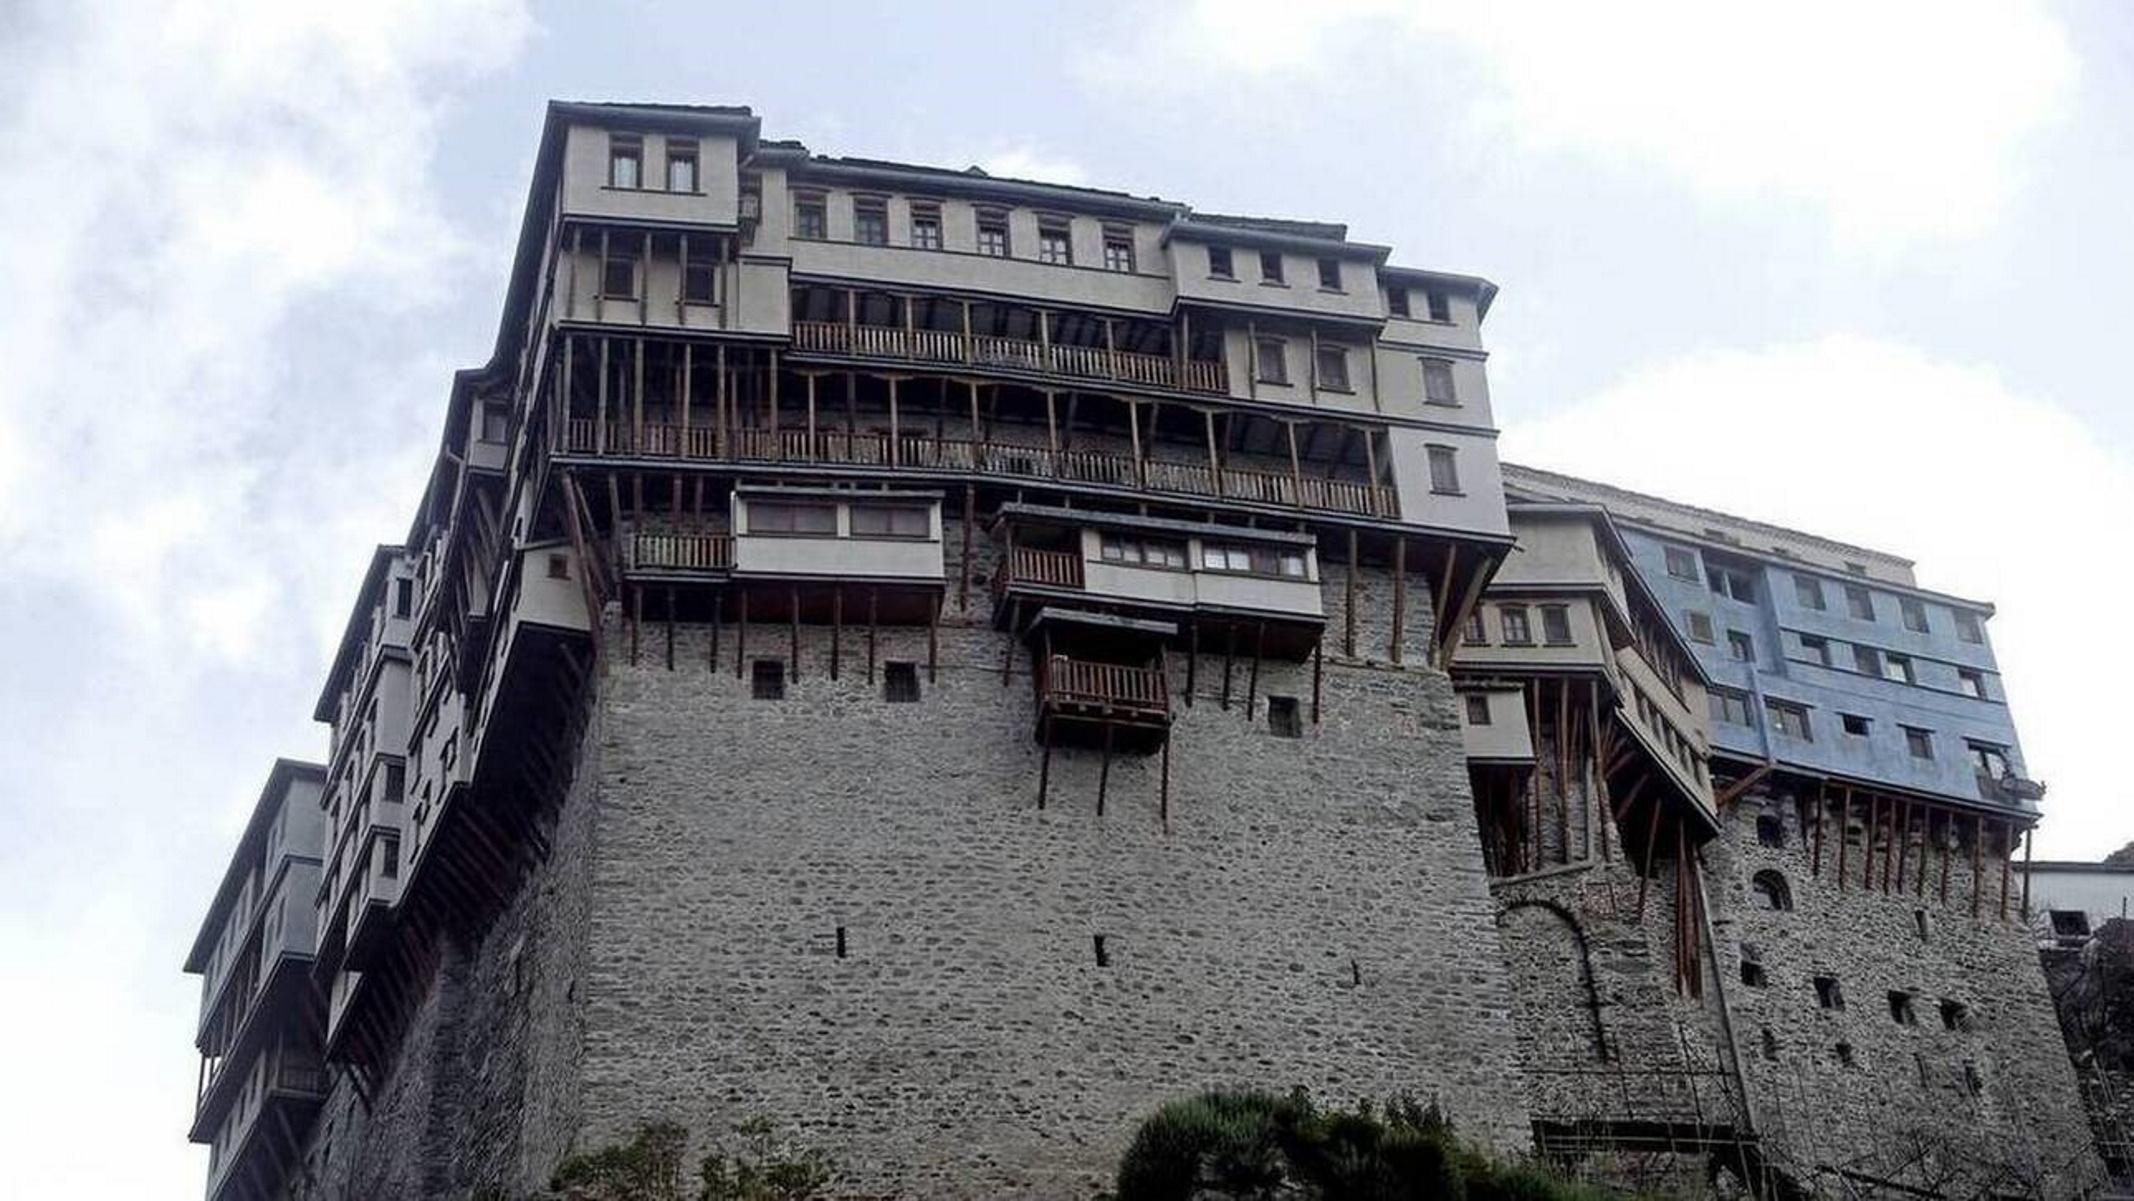 Κορονοϊός – Άγιο Όρος: Έως 15 Απριλίου παρατείνεται η απαγόρευση επισκέψεων μετά τα 20 κρούσματα σε μοναχούς